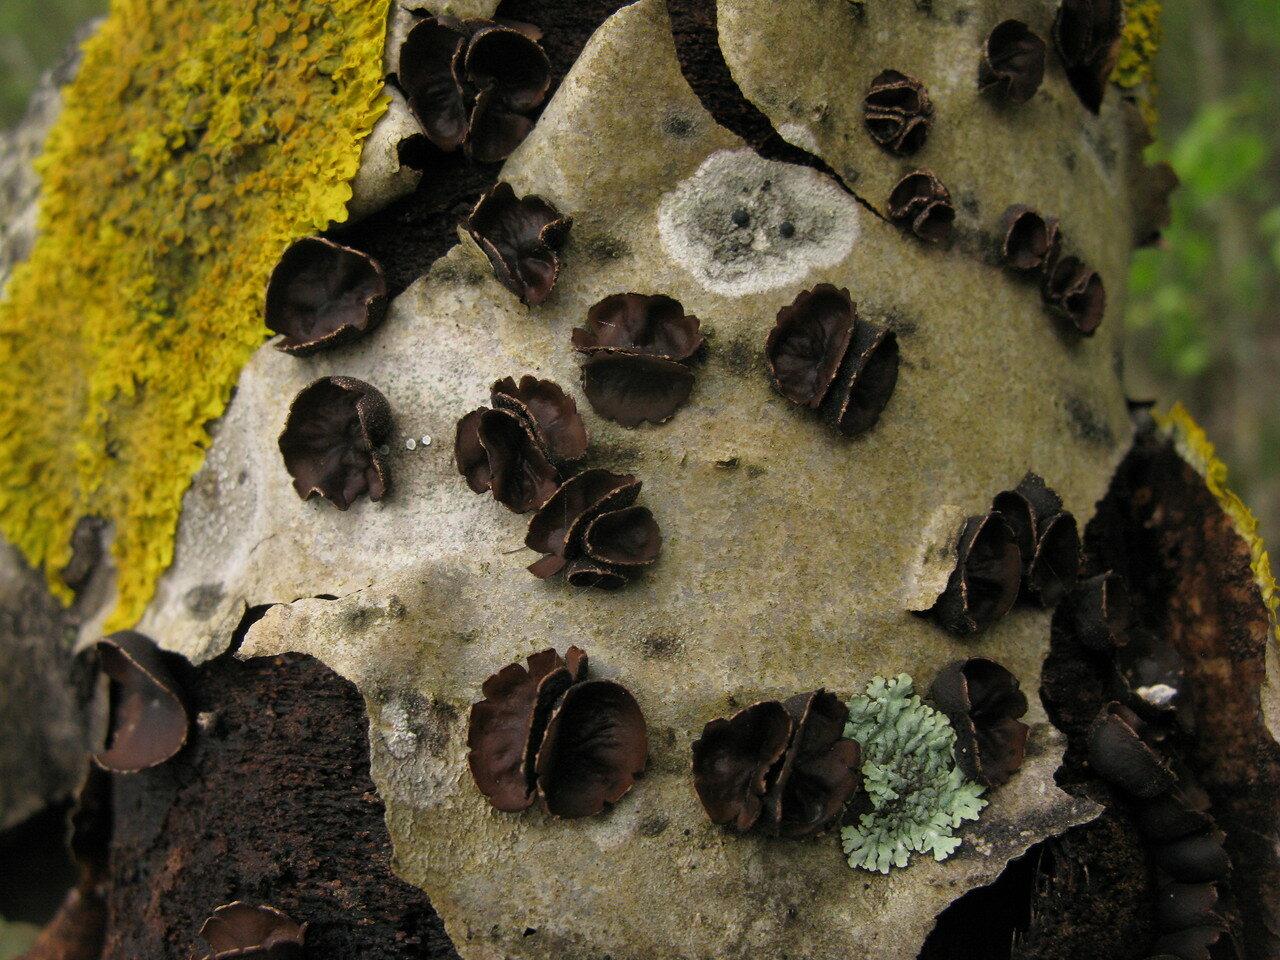 Энцелия пучковая (Encoelia fascicularis) Автор фото: Станислав Кривошеев